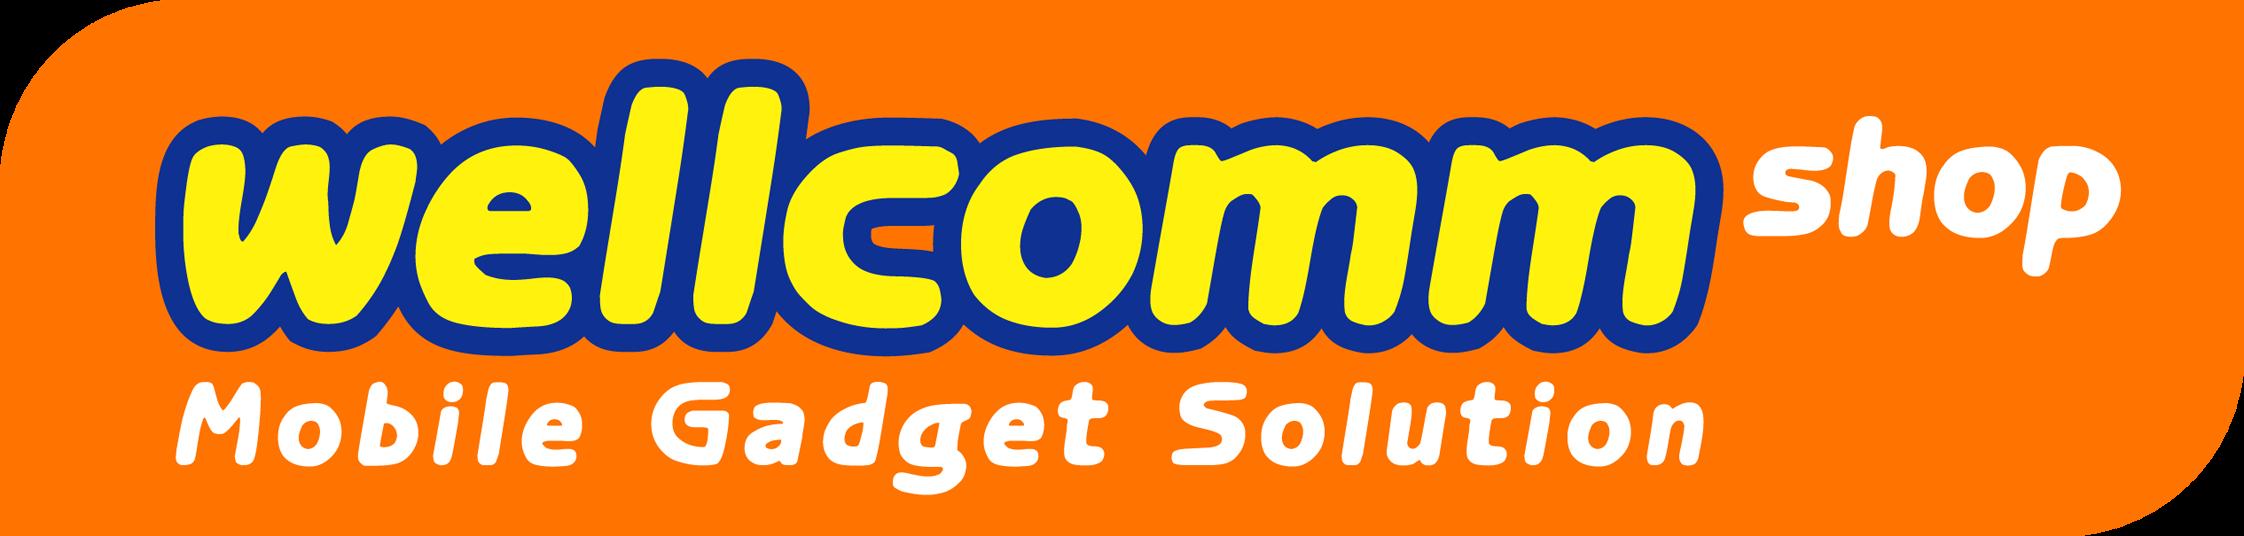 Wellcomm1